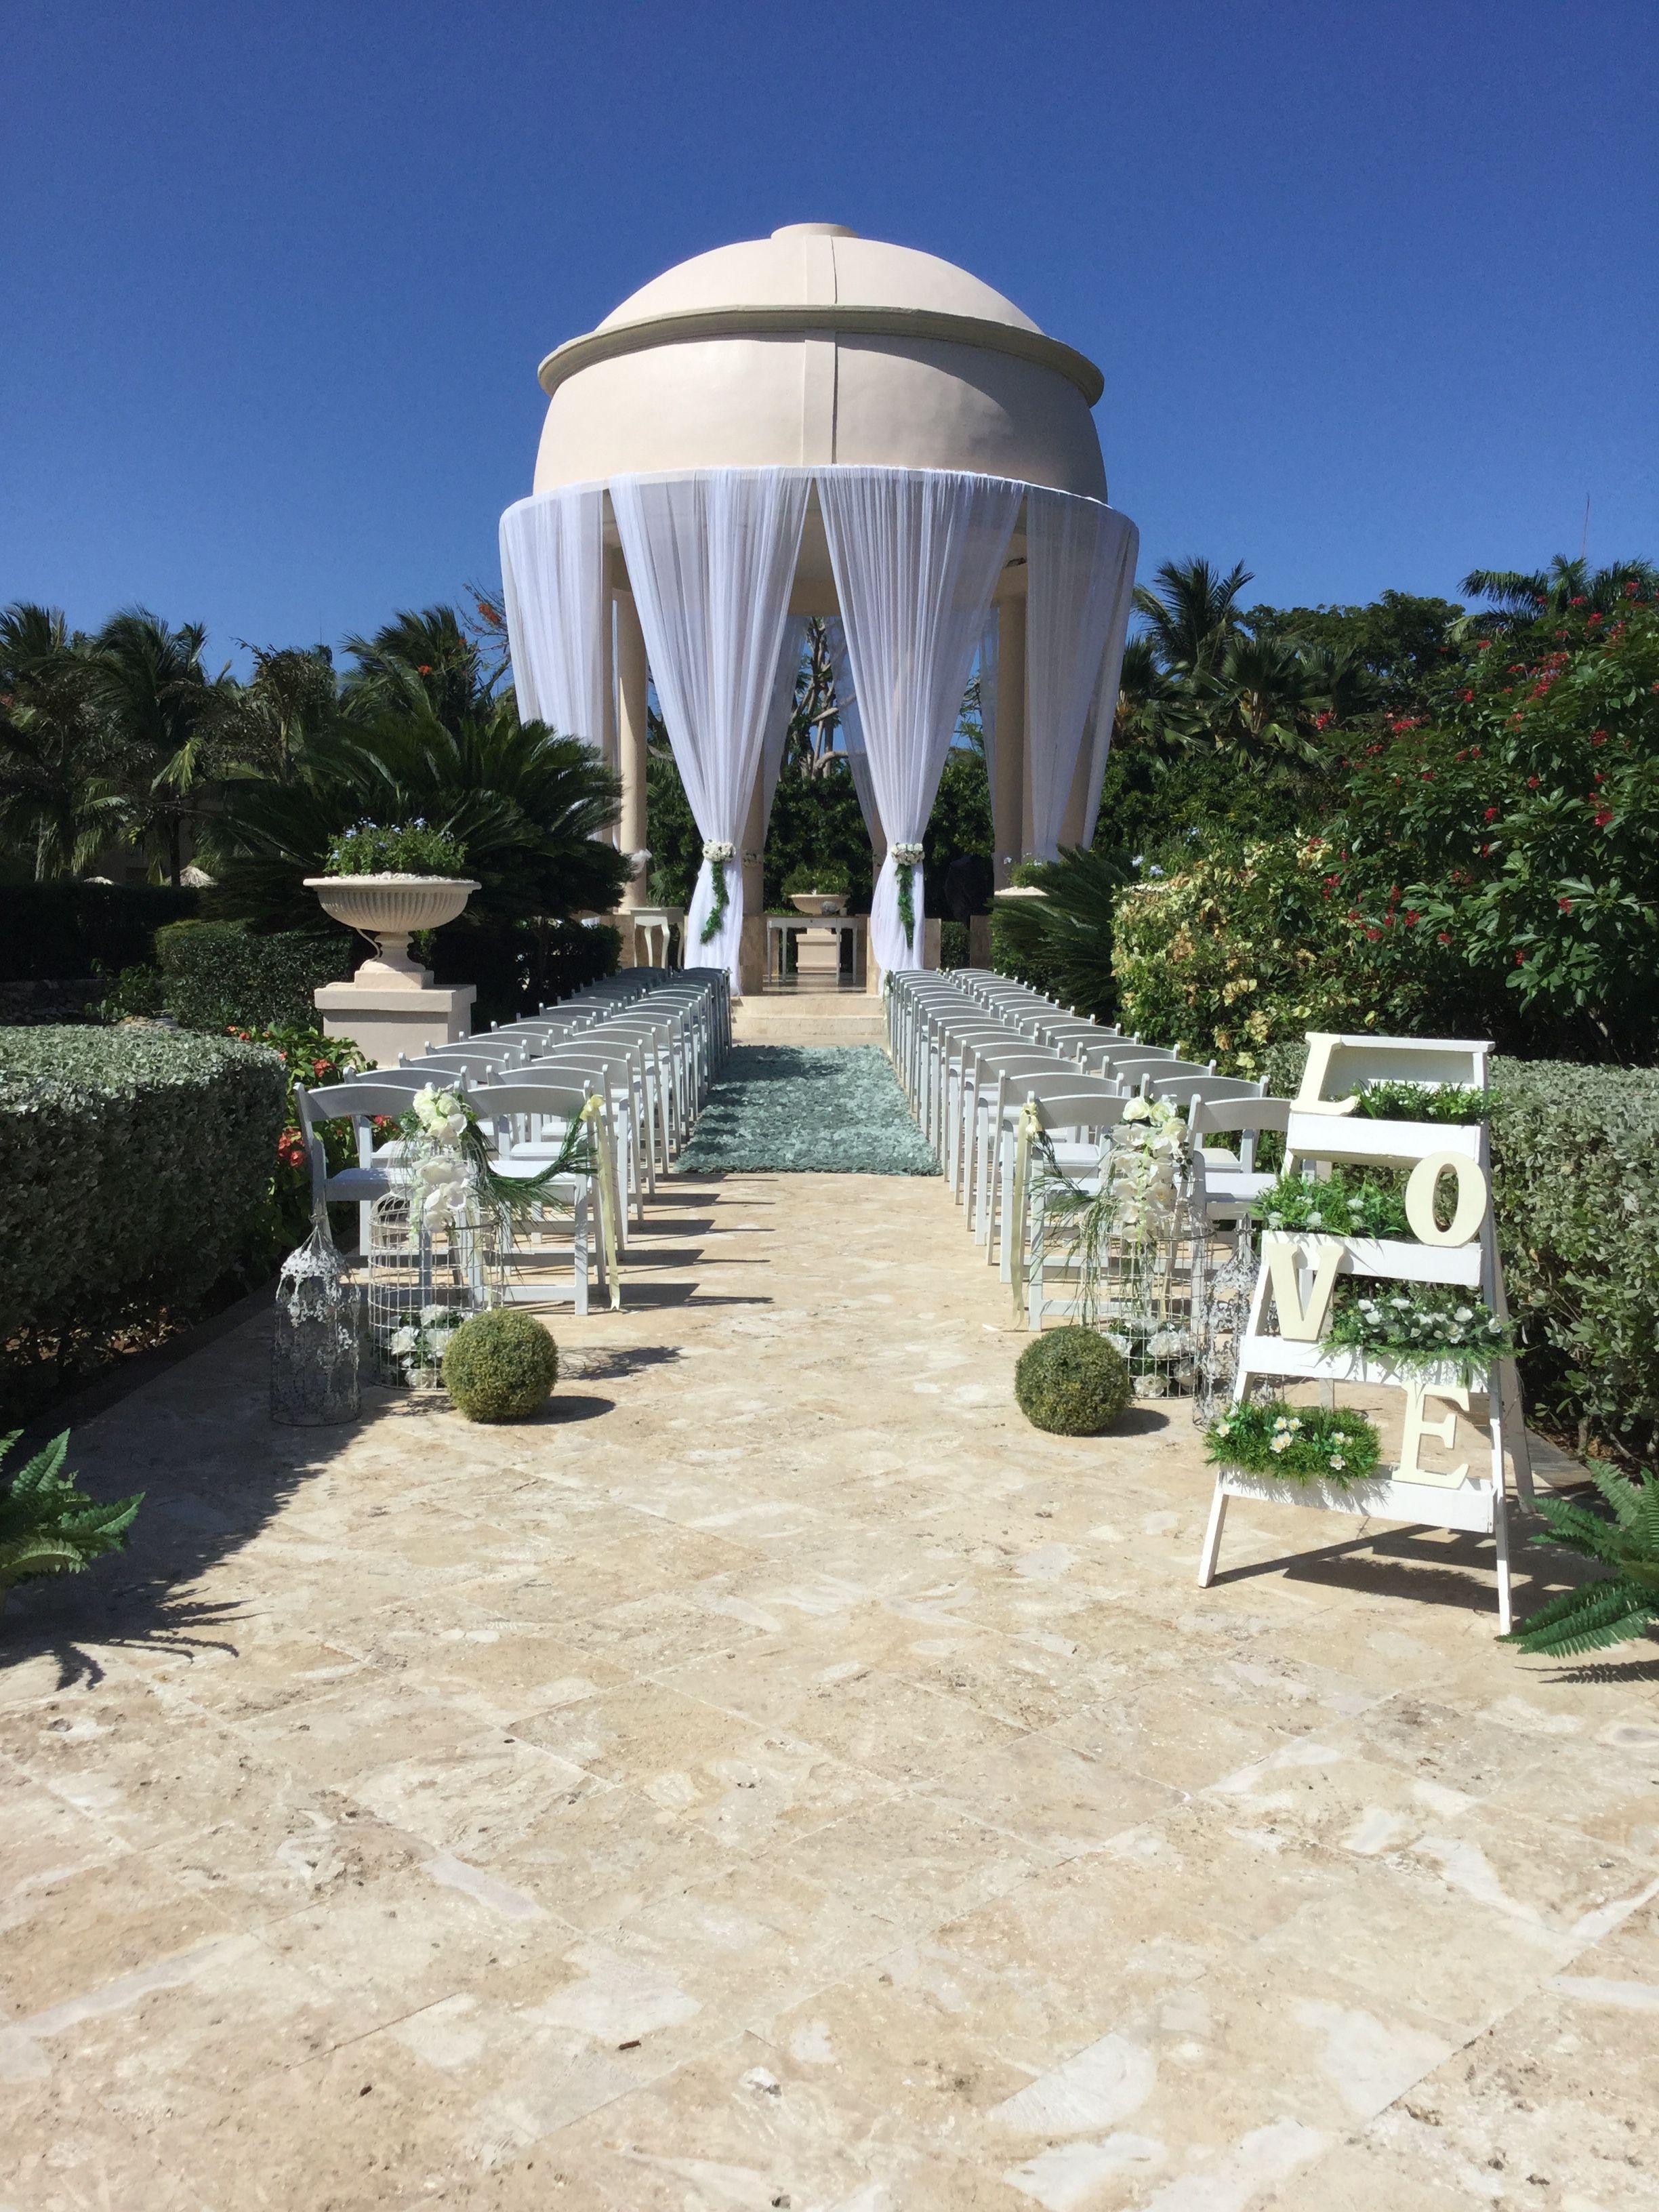 Pin By Kimberly Kutz On Dreams Punta Cana Resort Spa Dreams Resort Punta Cana Dreams Resort Punta Cana Wedding Dreams Resorts